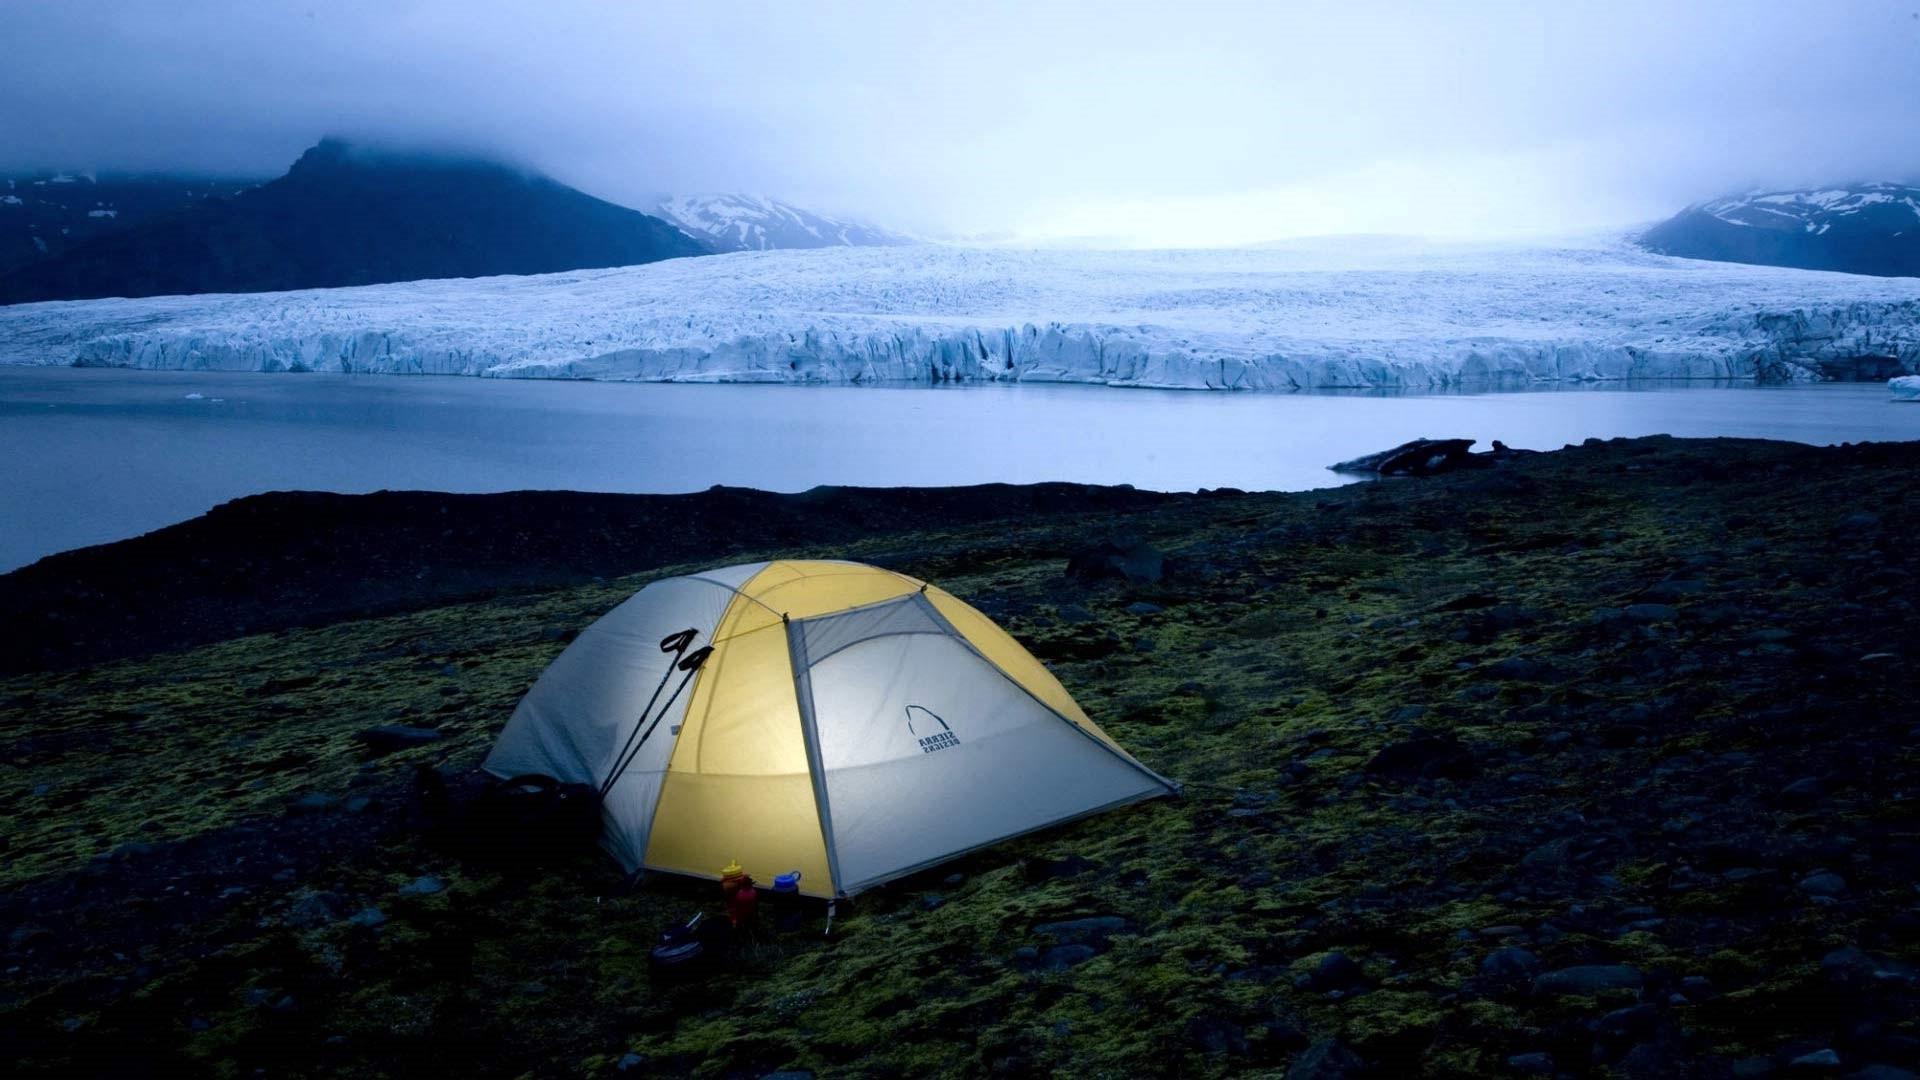 Camping Desktop wallpaper